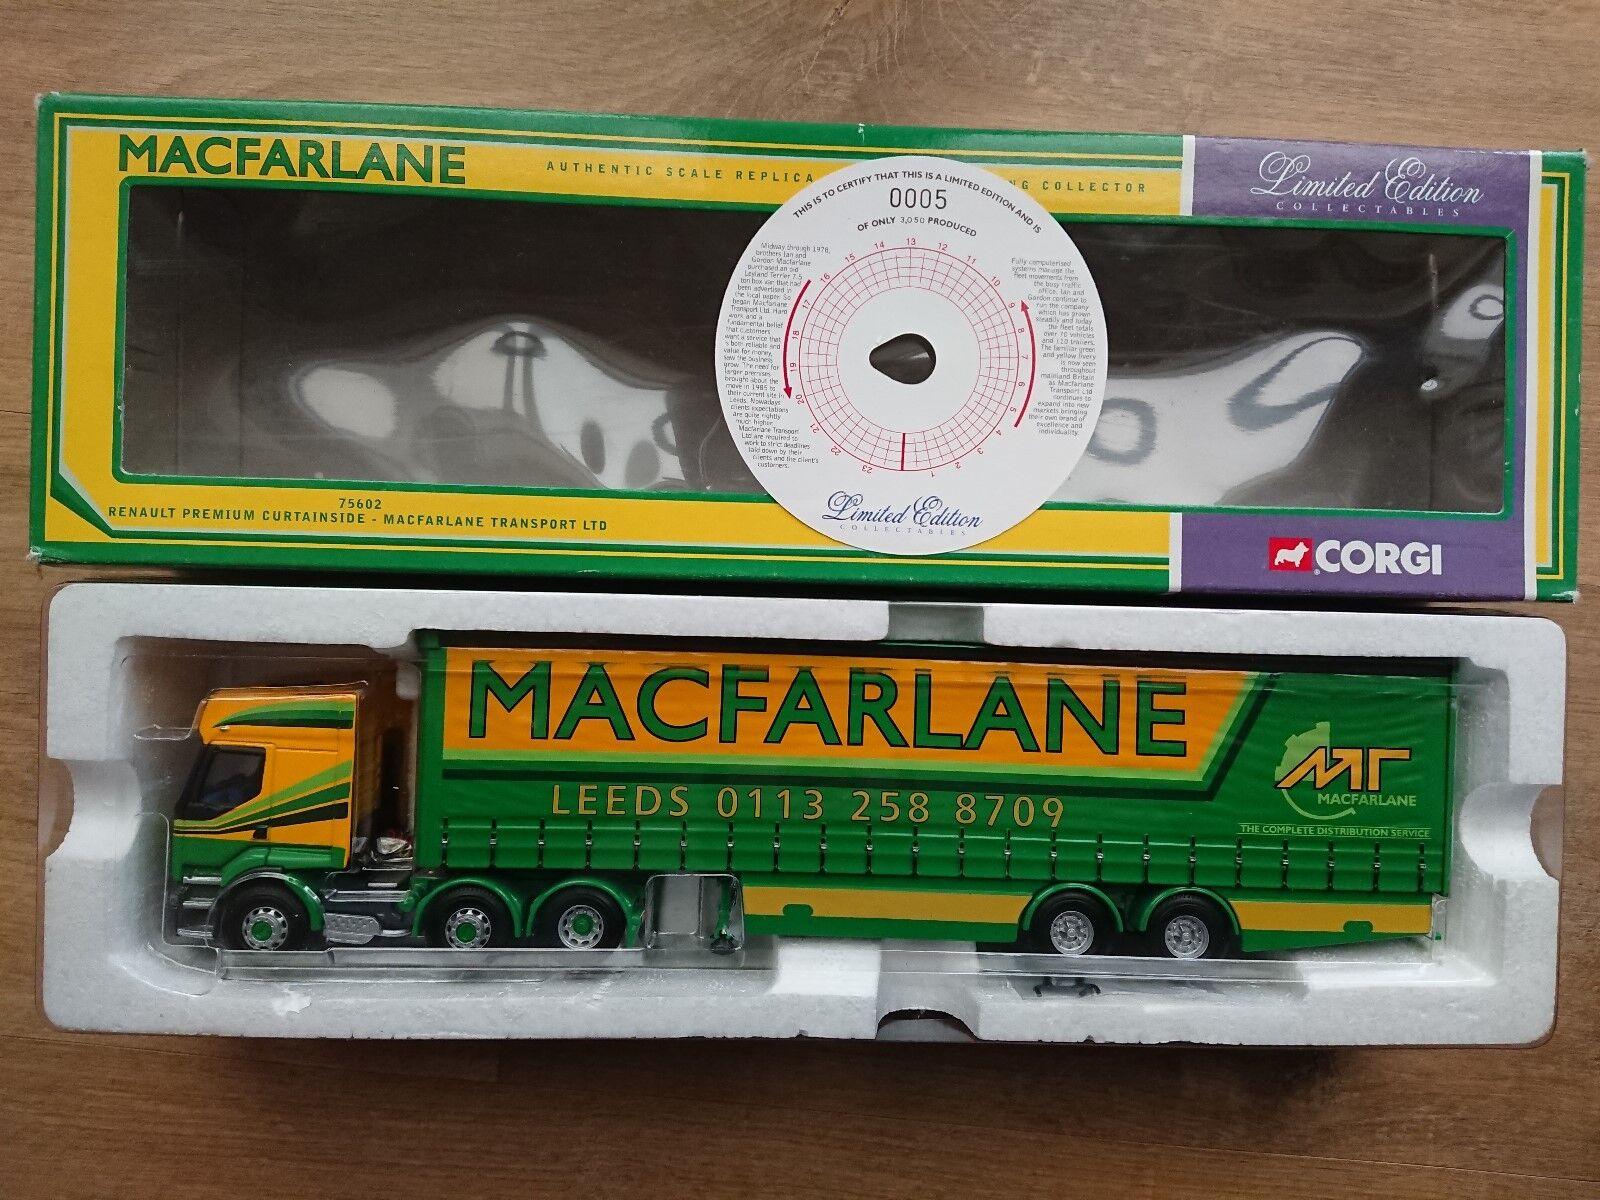 CORGI 75602 RENAULT PREMIUM CURTAINSIDE MacFarlane Ltd Edition N. 0005 del 3050